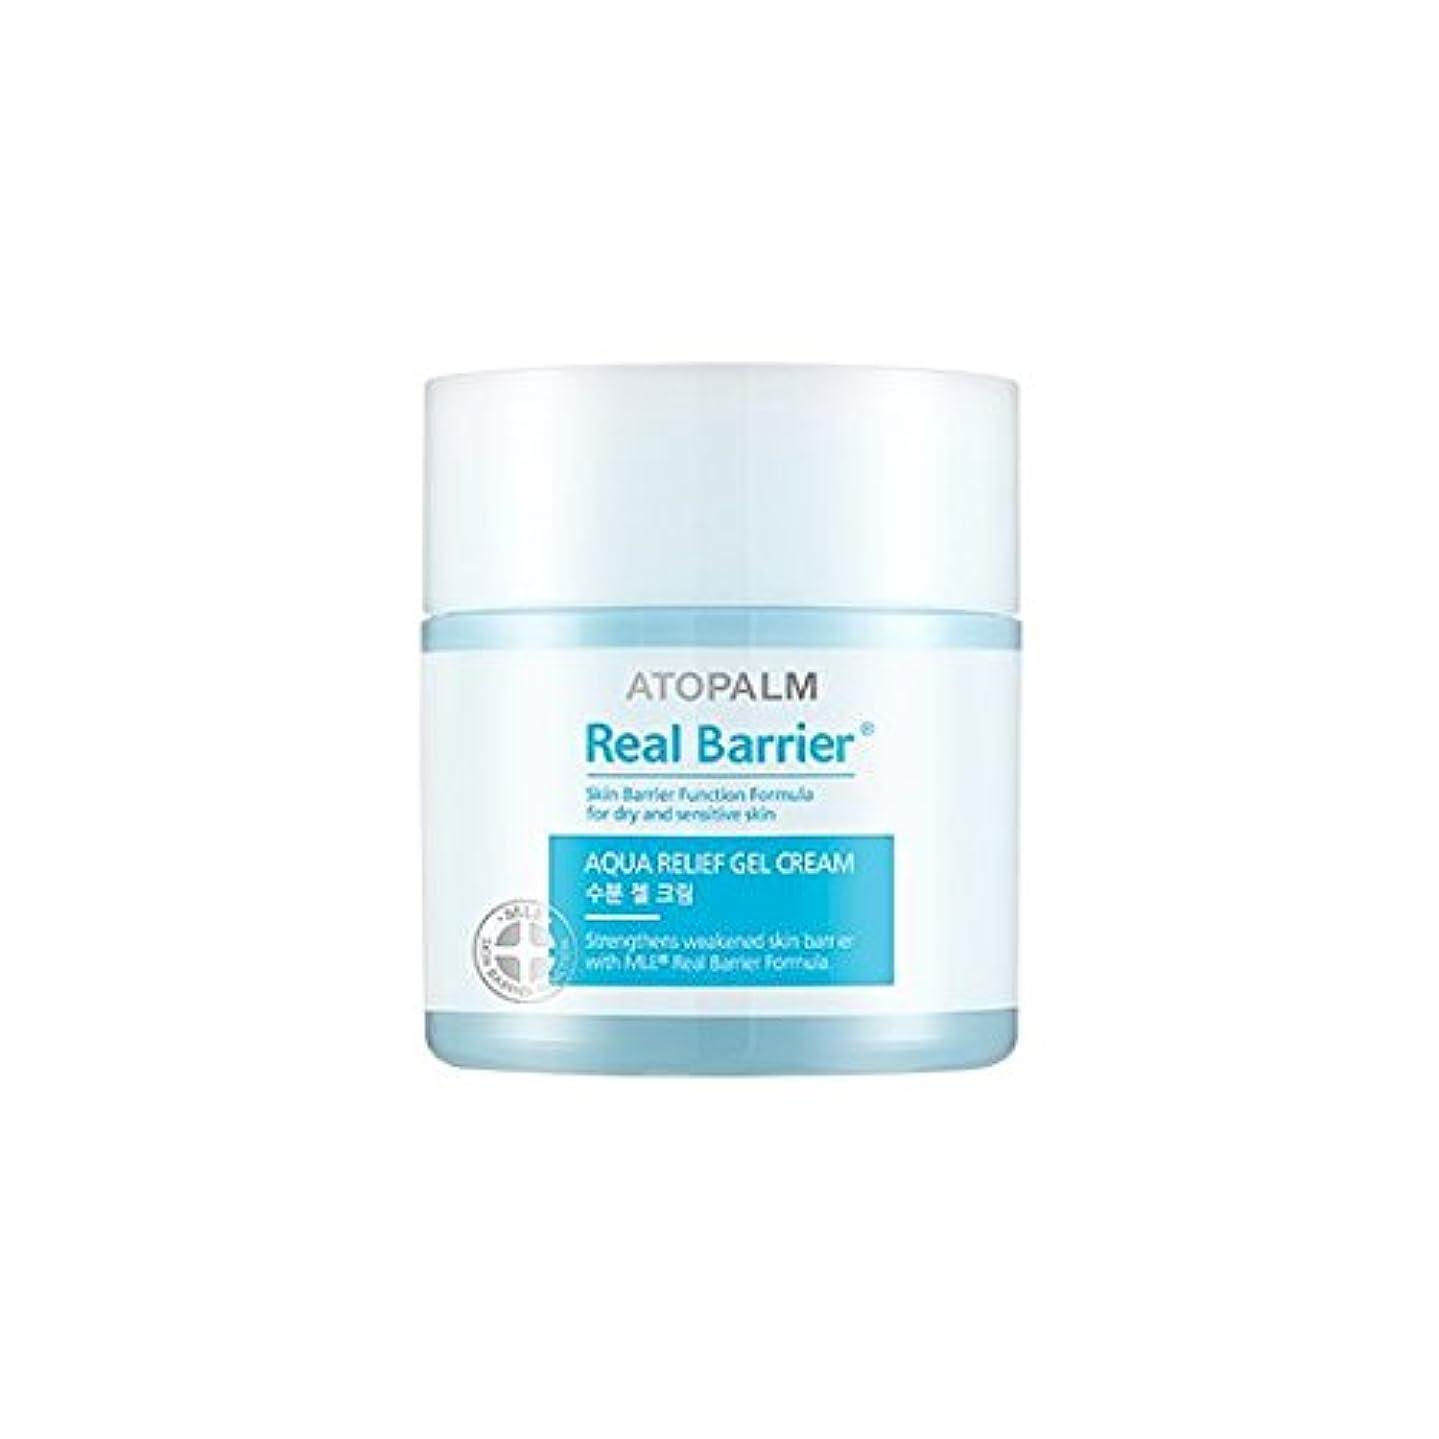 台風哺乳類気分が良いATOPALM Real Barrier Aqua Relief Gel Cream 50ml/アトパーム リアル バリア アクア リリーフ ジェル クリーム 50ml [並行輸入品]